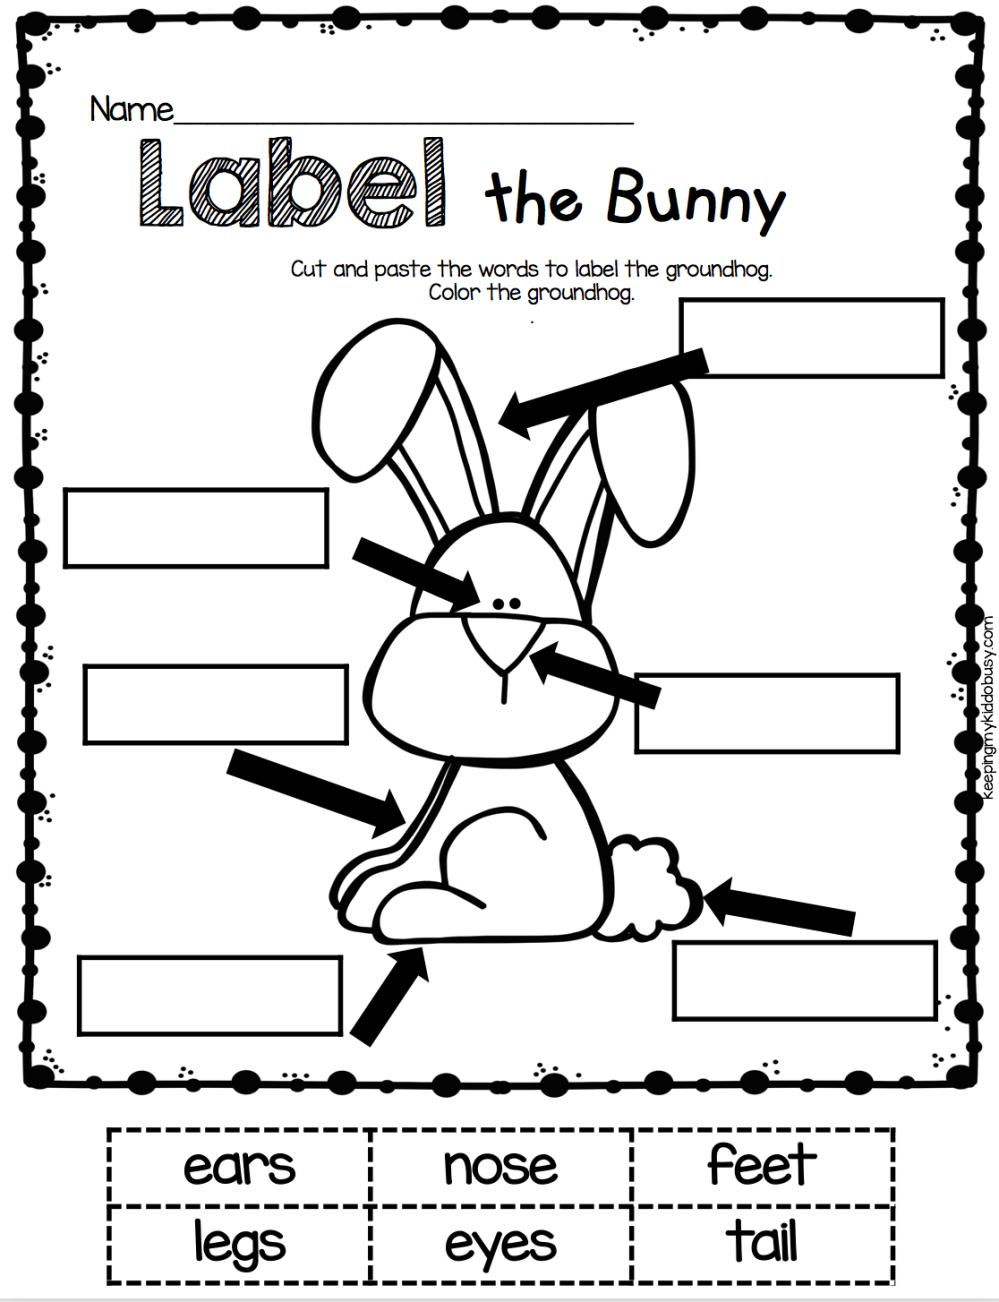 medium resolution of Easter Kindergarten Worksheets - Best Coloring Pages For Kids